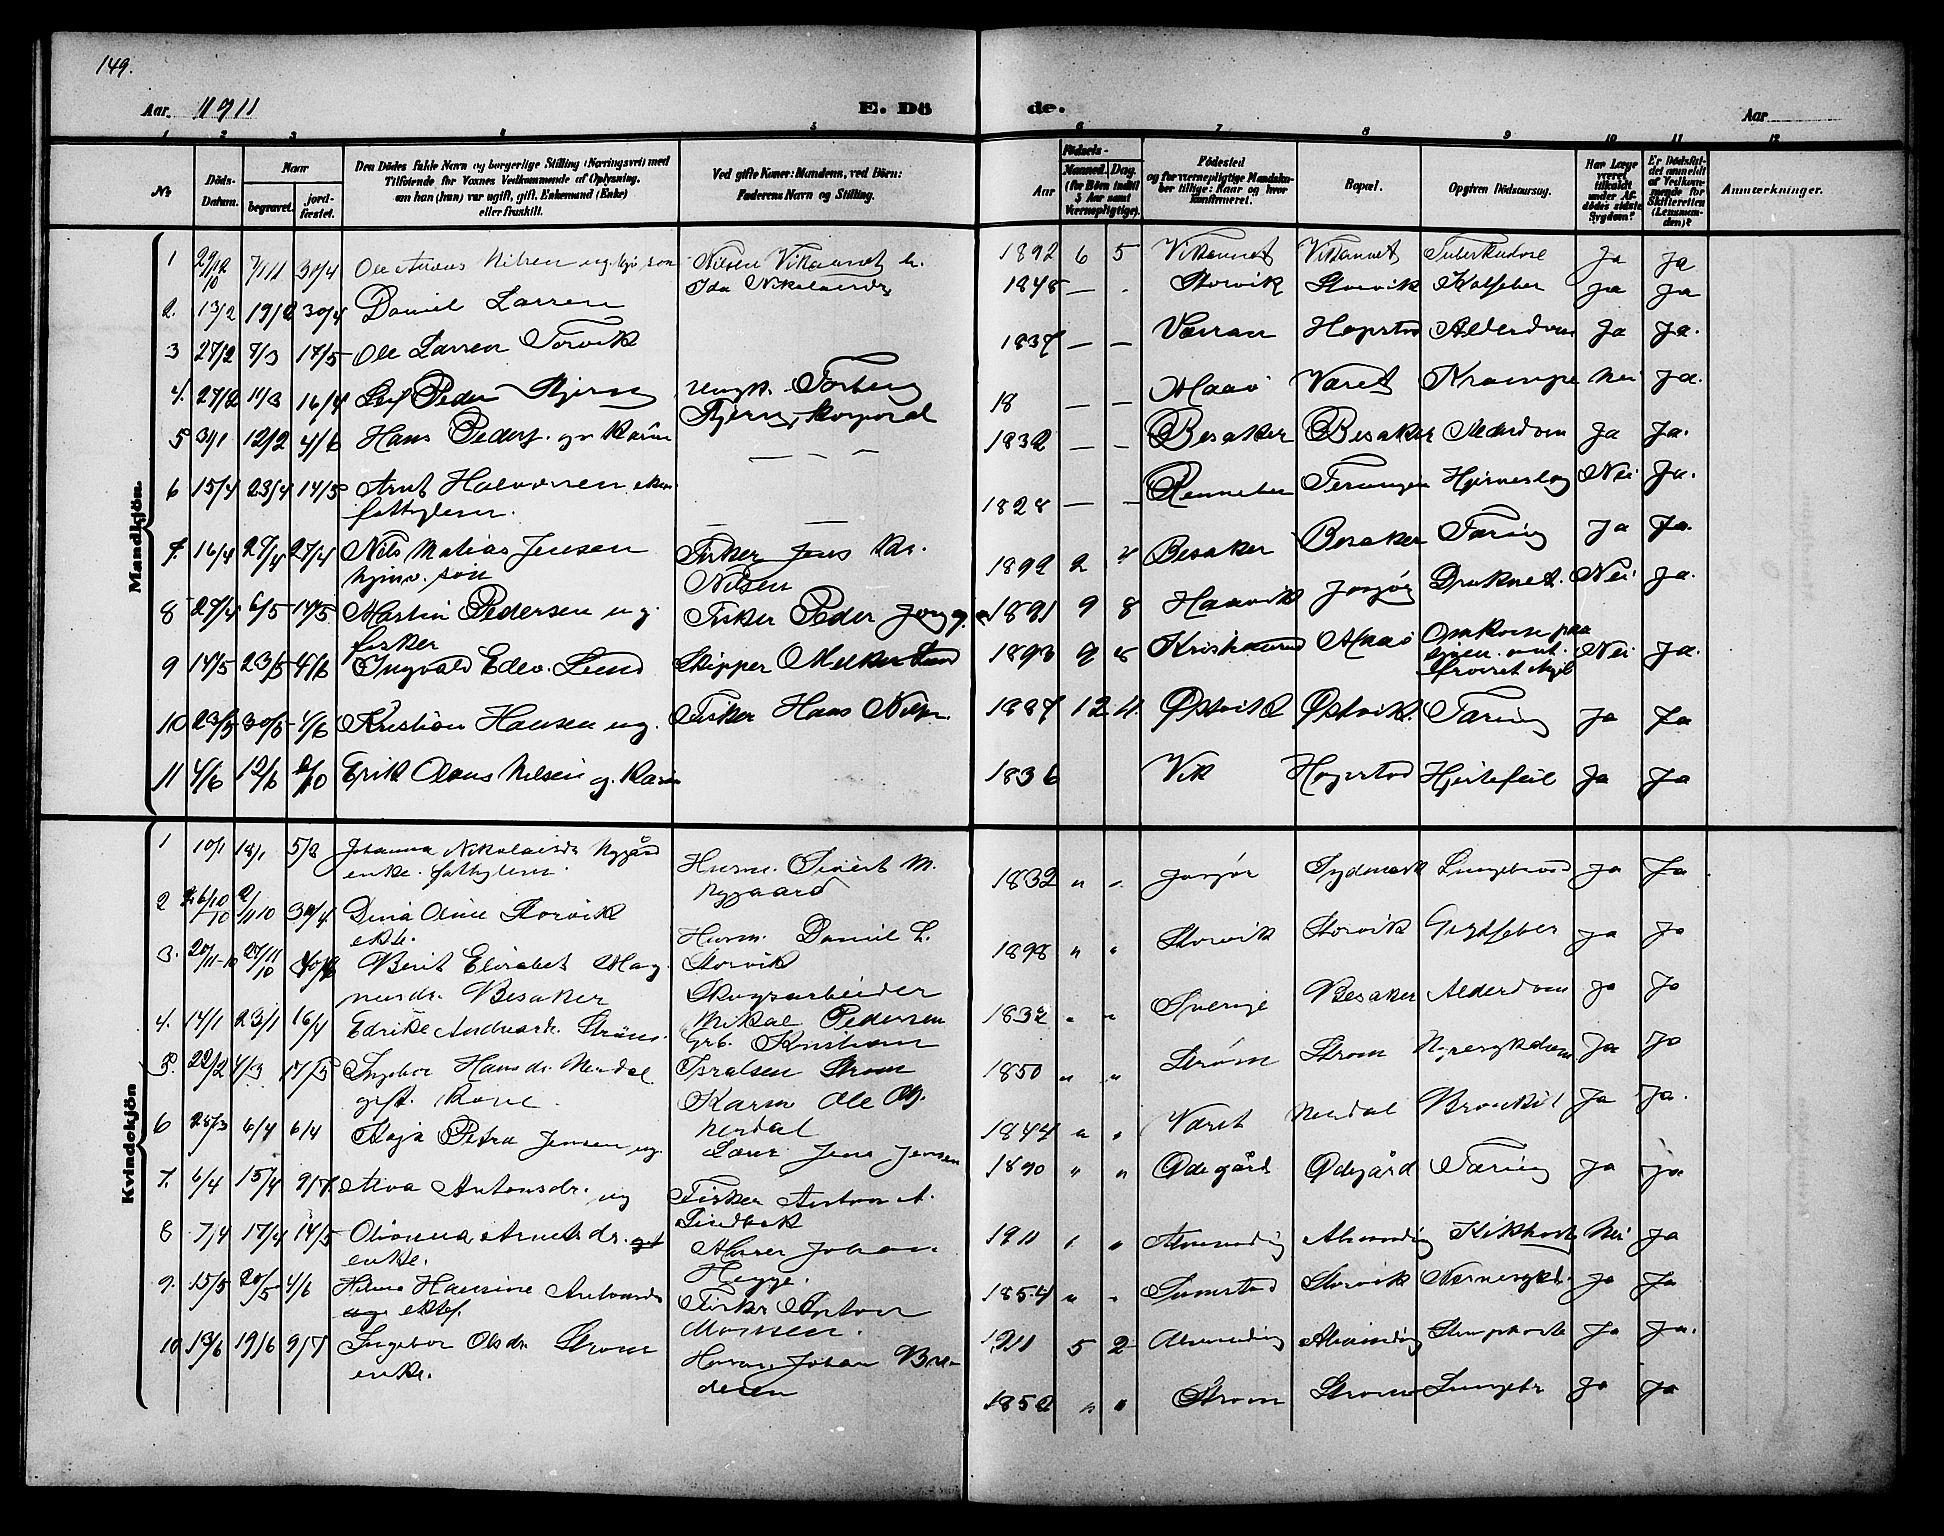 SAT, Ministerialprotokoller, klokkerbøker og fødselsregistre - Sør-Trøndelag, 657/L0717: Klokkerbok nr. 657C04, 1904-1923, s. 149